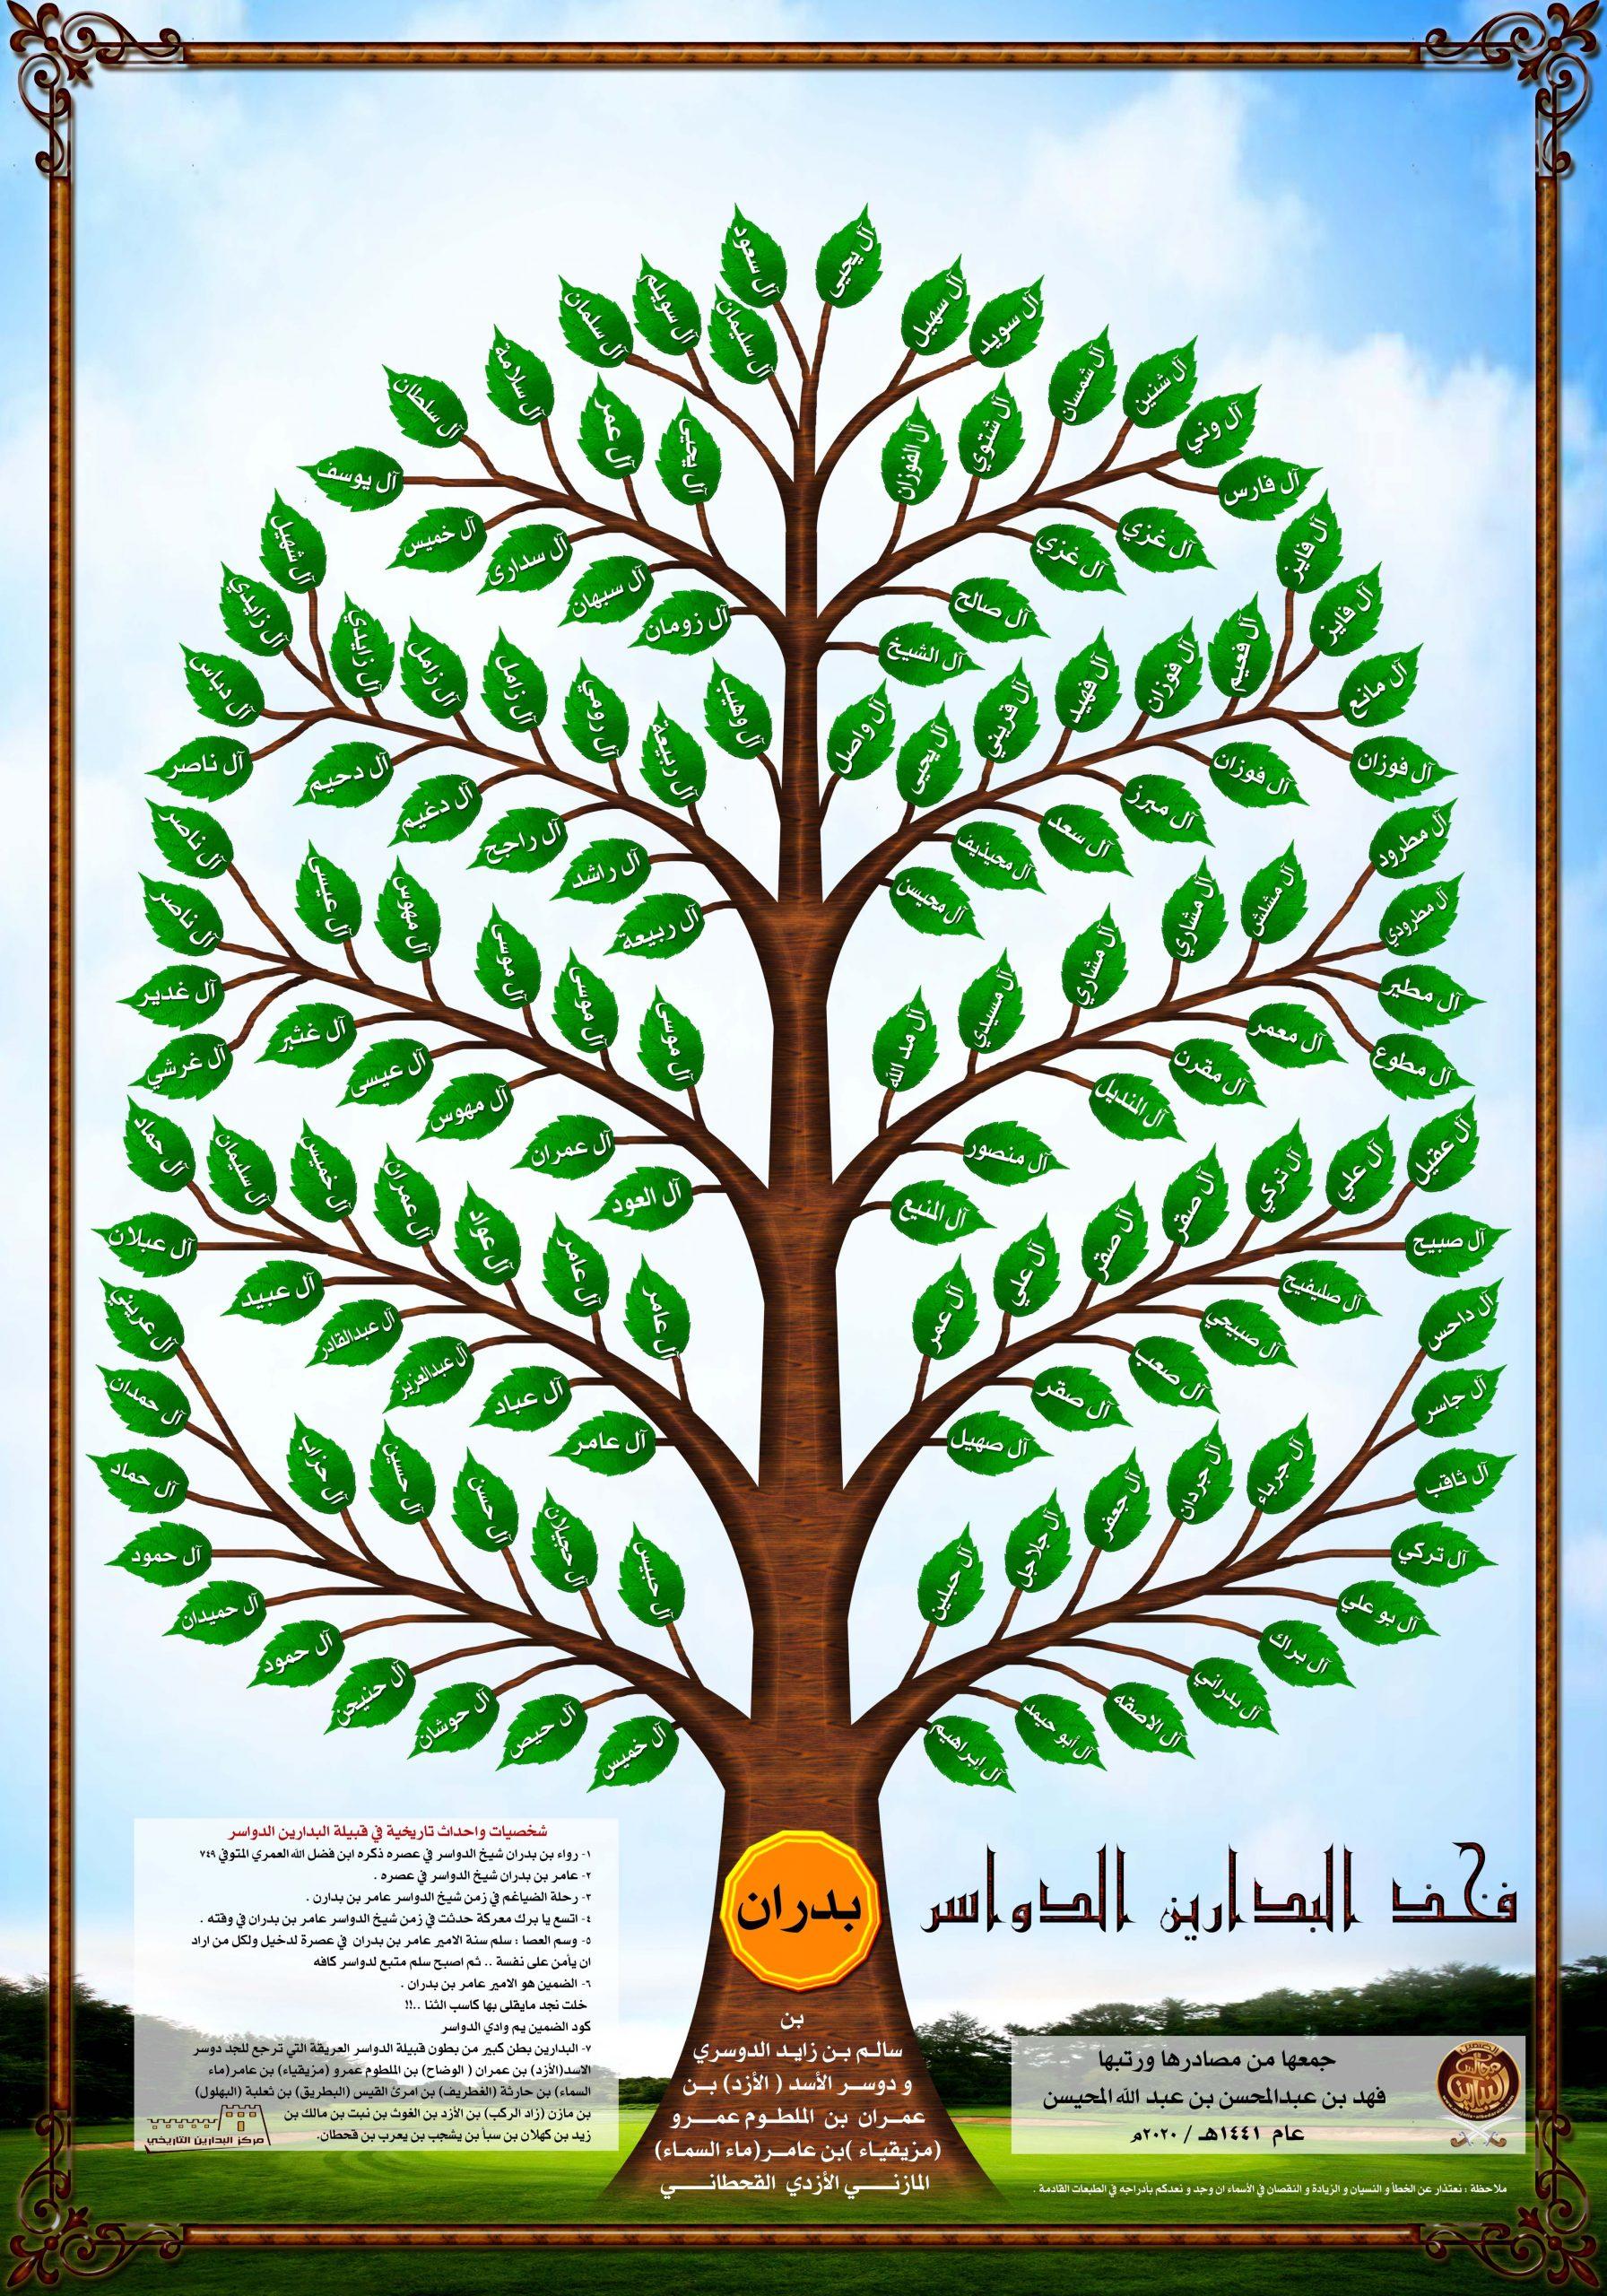 شجرة البدارين الدواسر